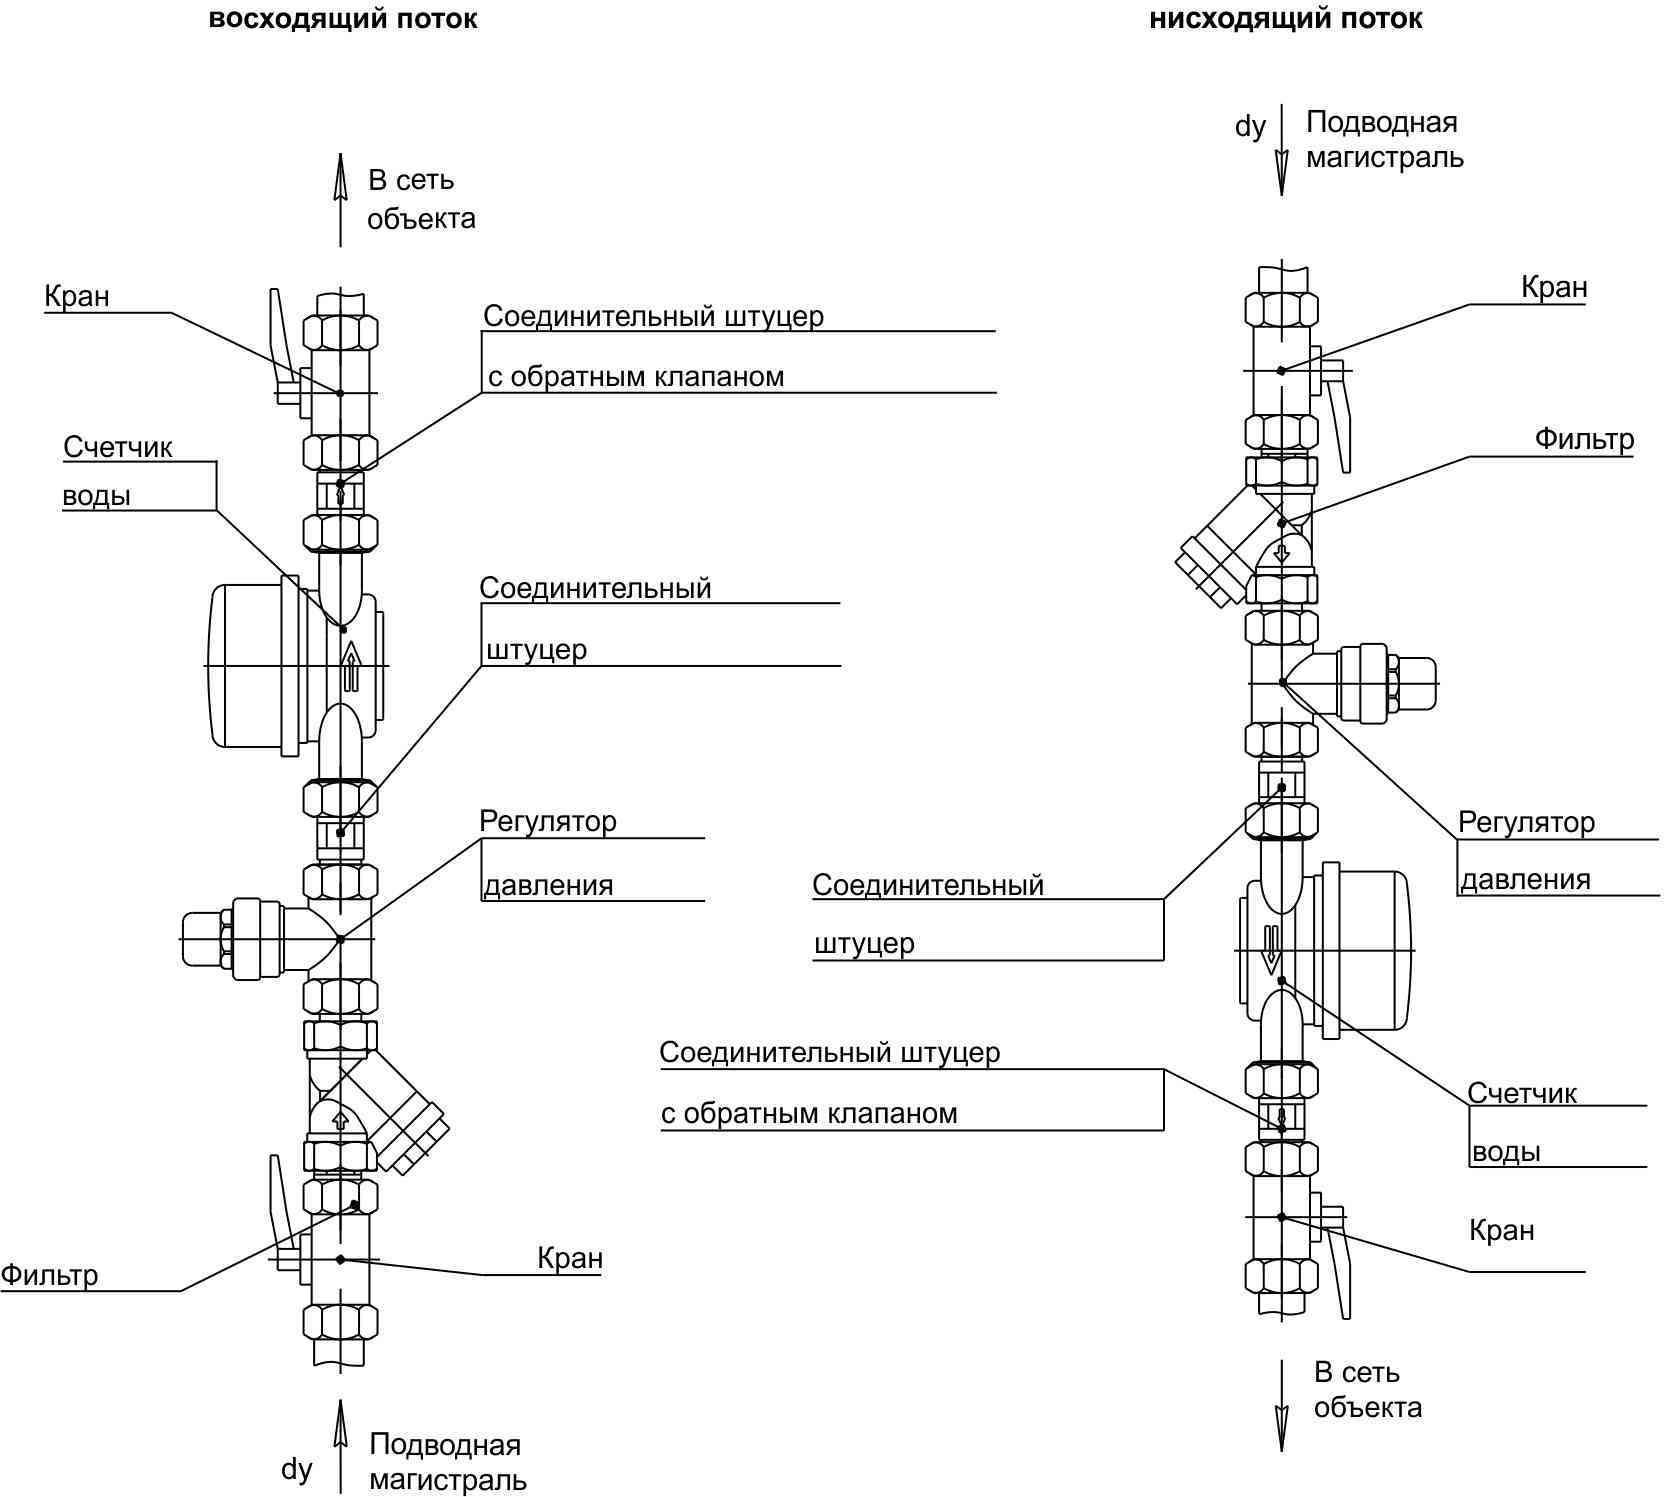 Вертикальная схема установки счетчиков на восходящих и нисходящих потоках